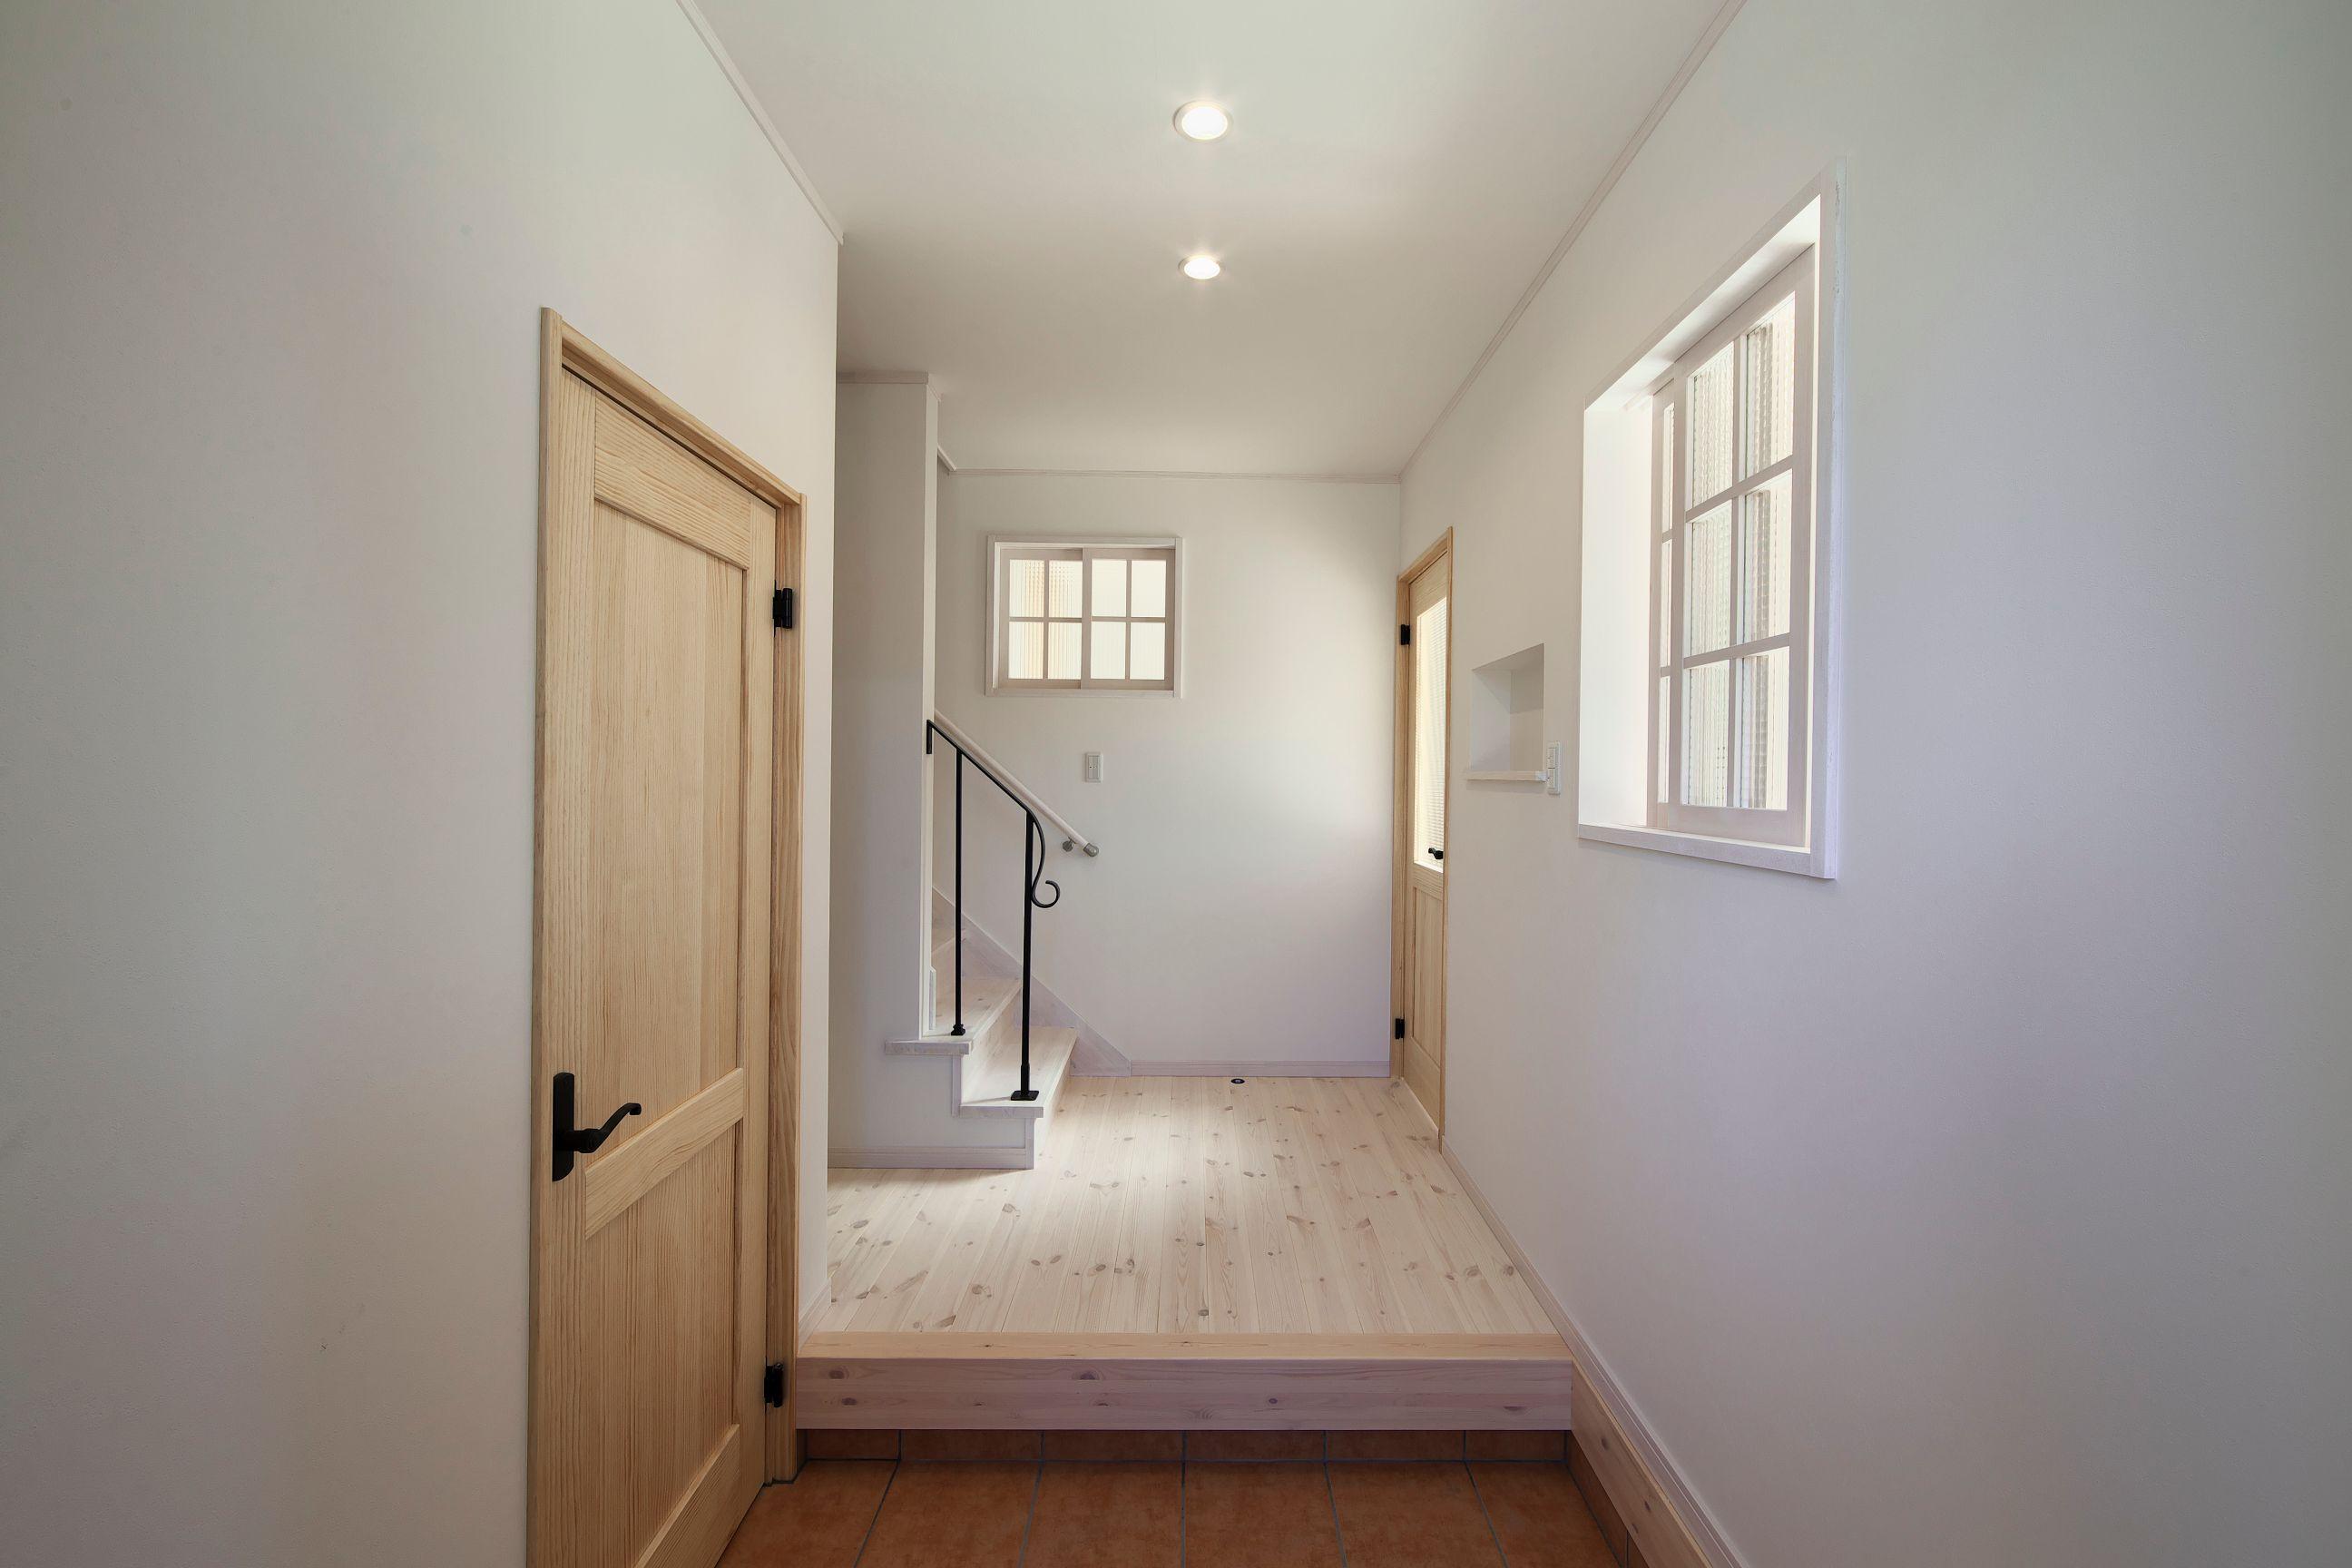 河合工務店【趣味、自然素材、間取り】アイアンの手摺が印象的な土間収納のある玄関